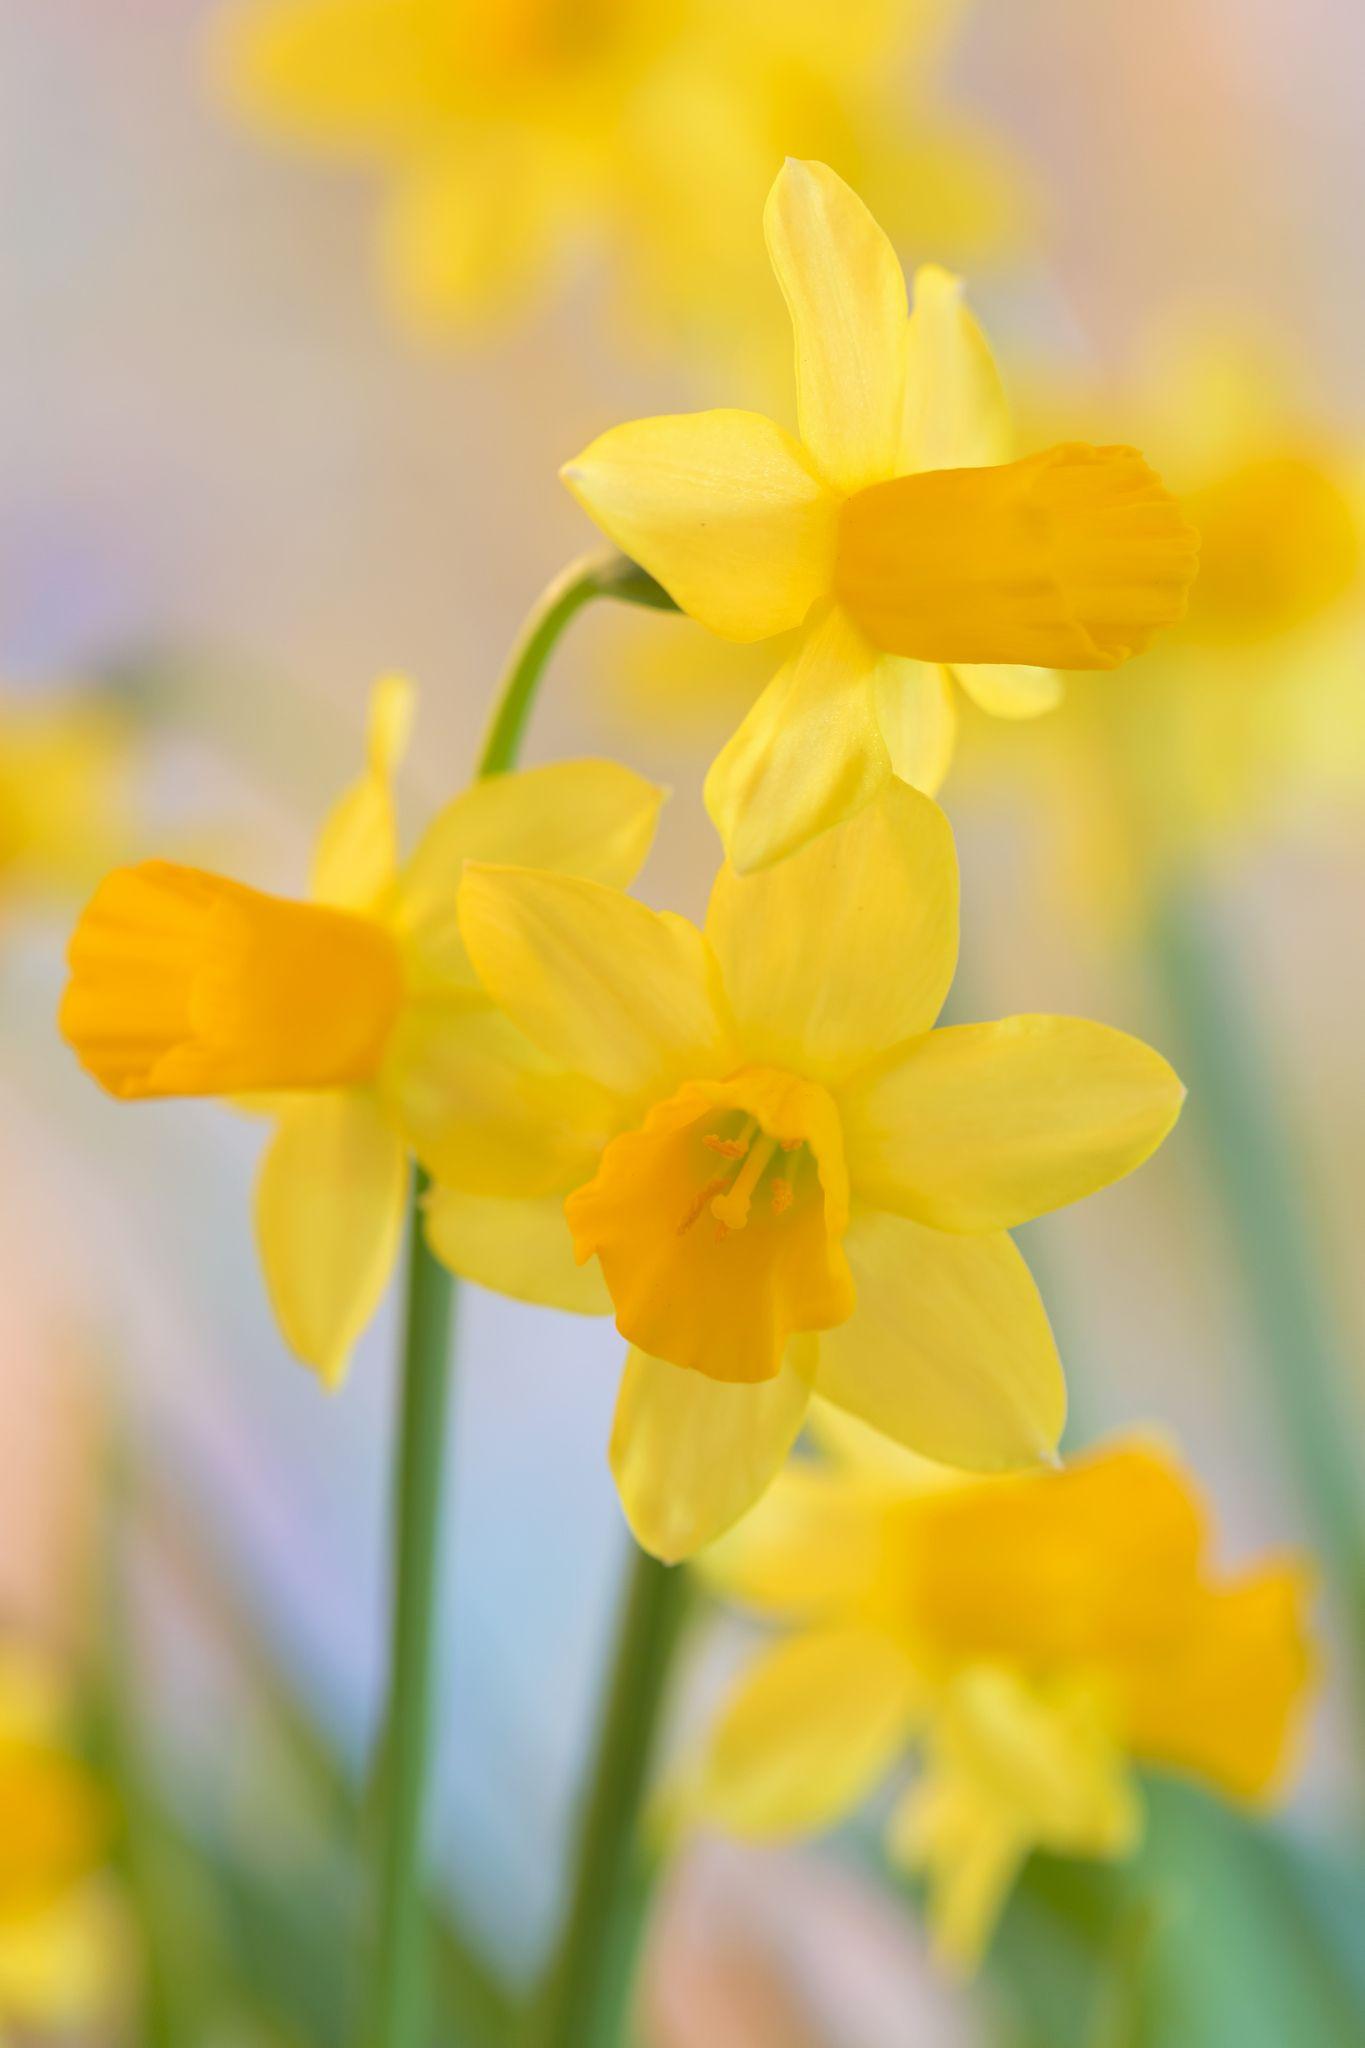 Joyful Spring Daffodils Joyful And Spring